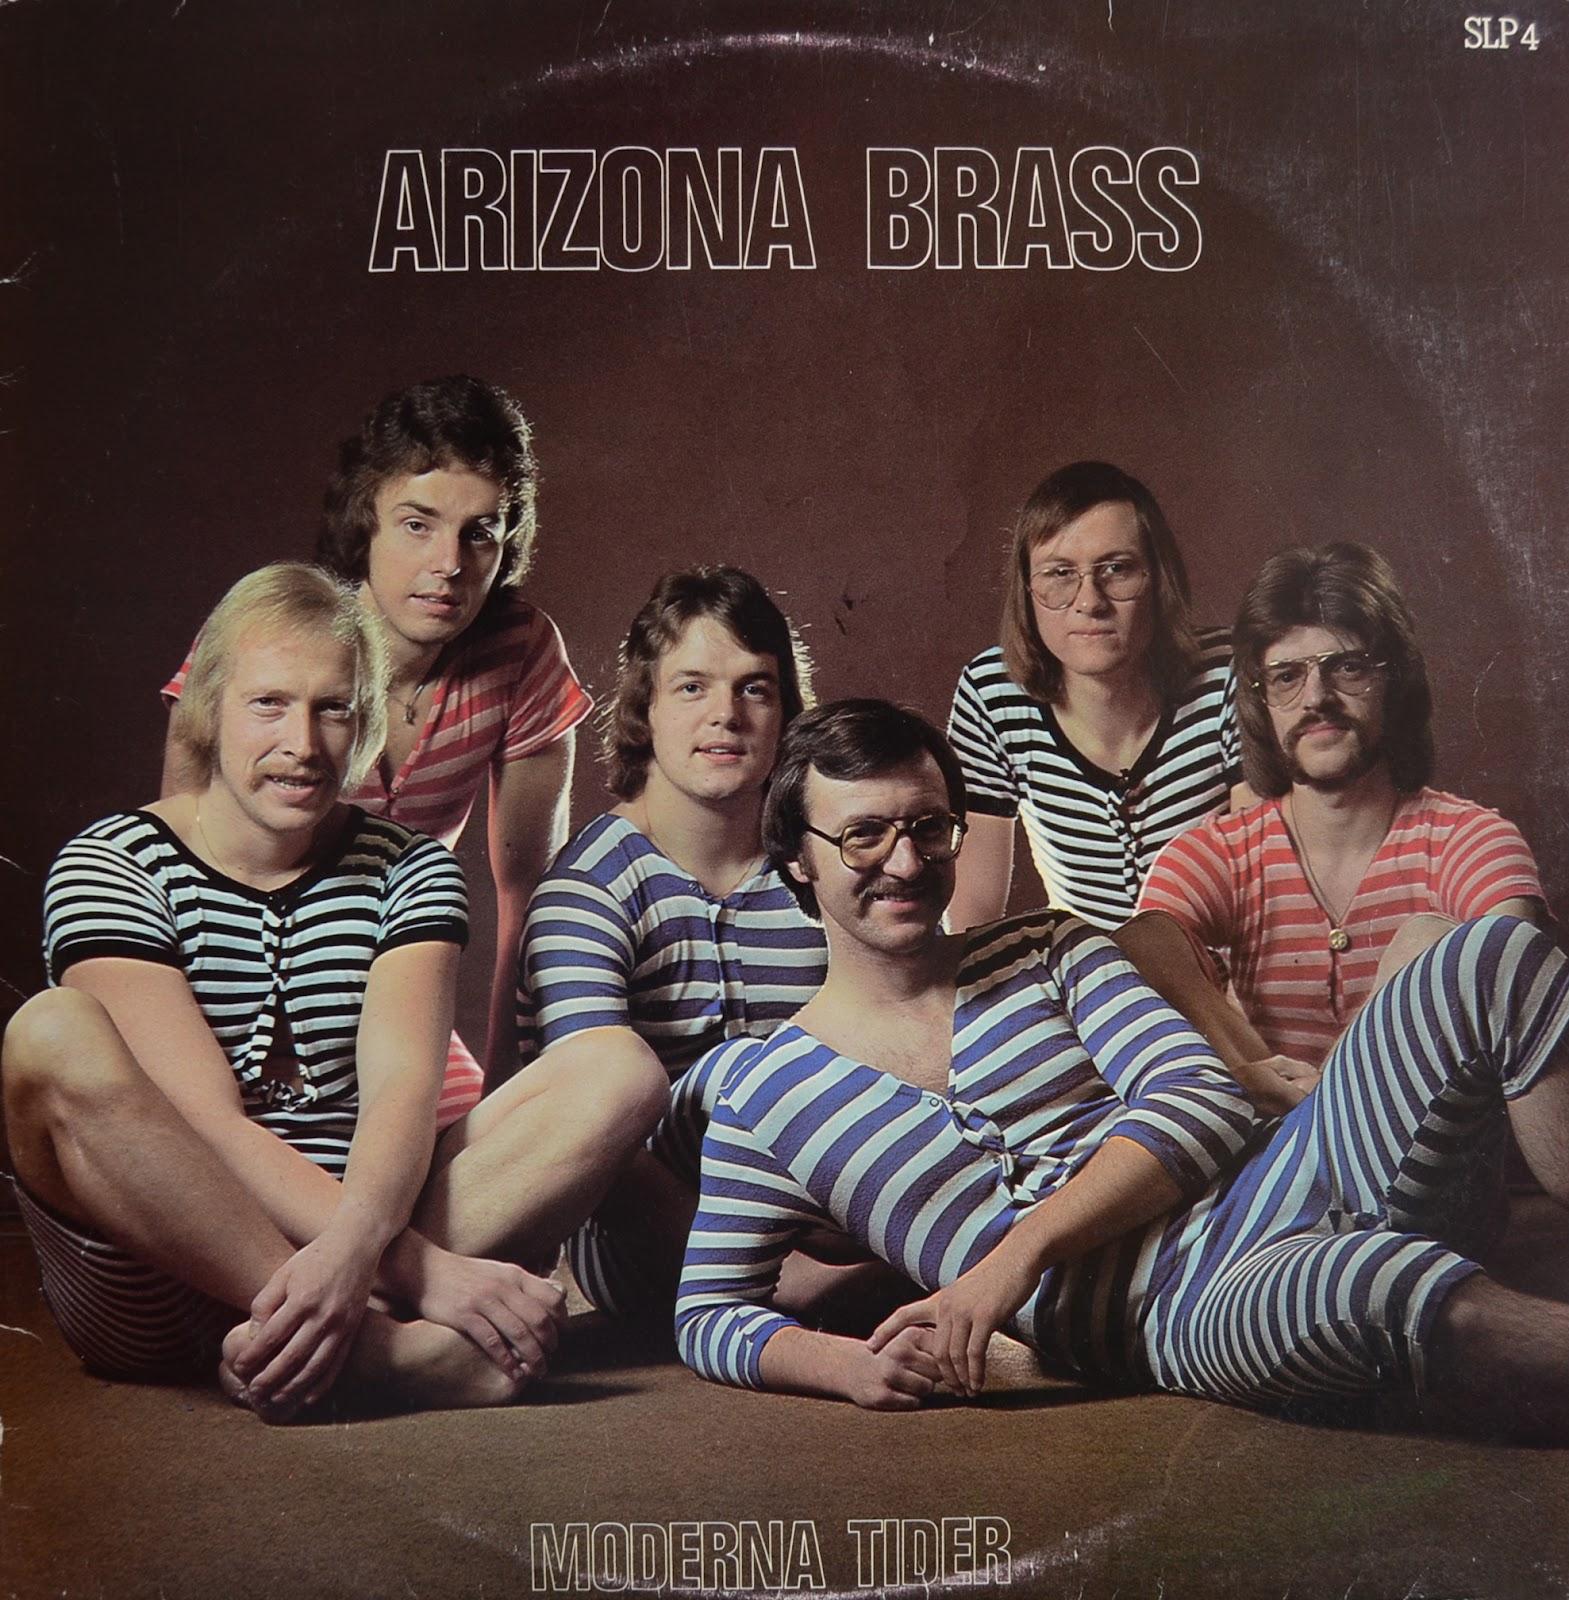 omsArizona brass